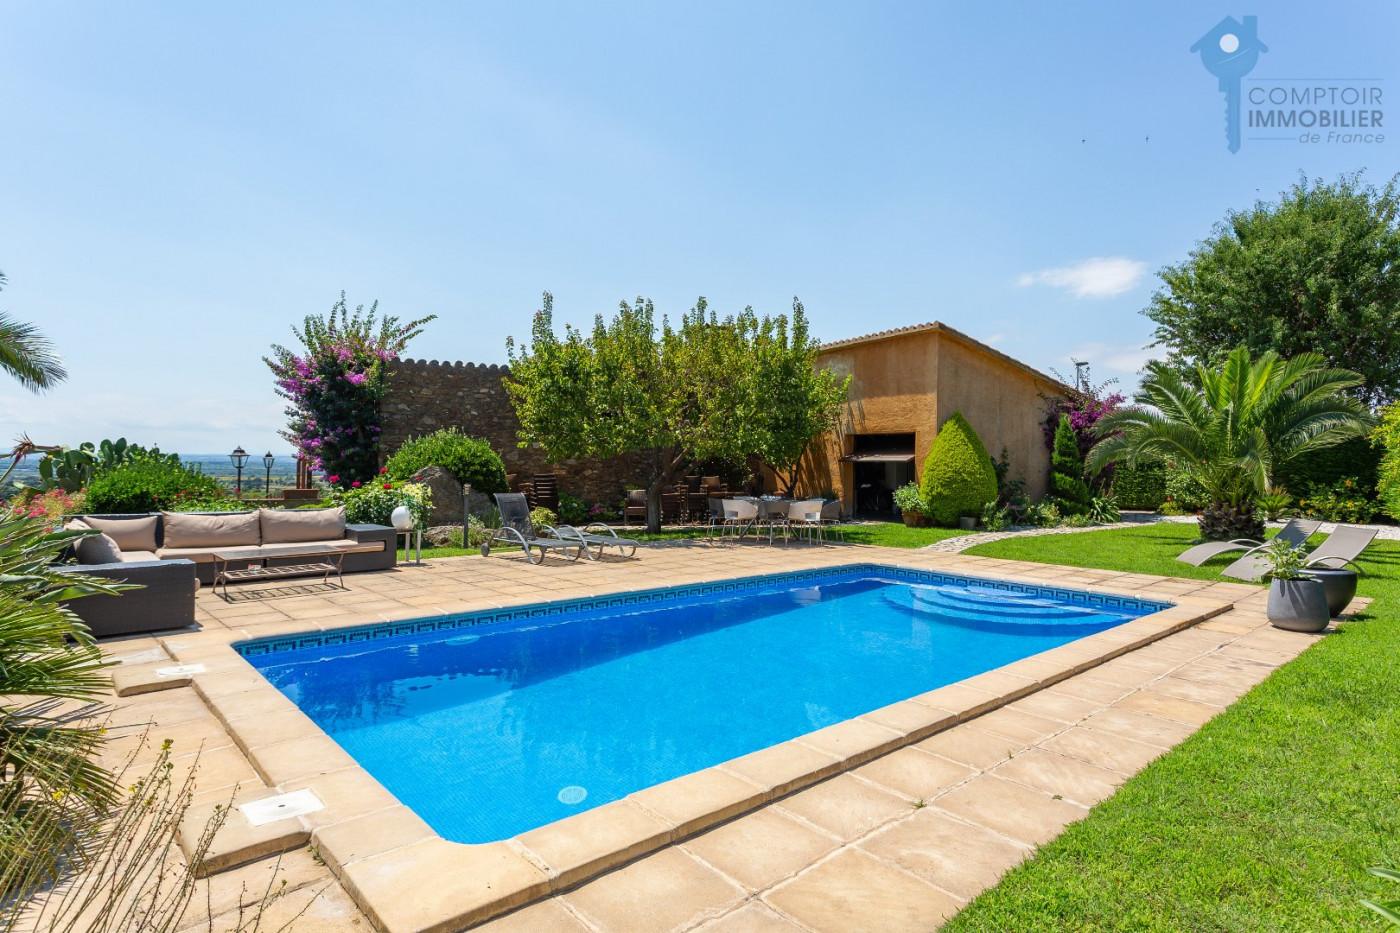 A vendre  Palau Saverdera | Réf 3438047207 - Comptoir immobilier de france prestige